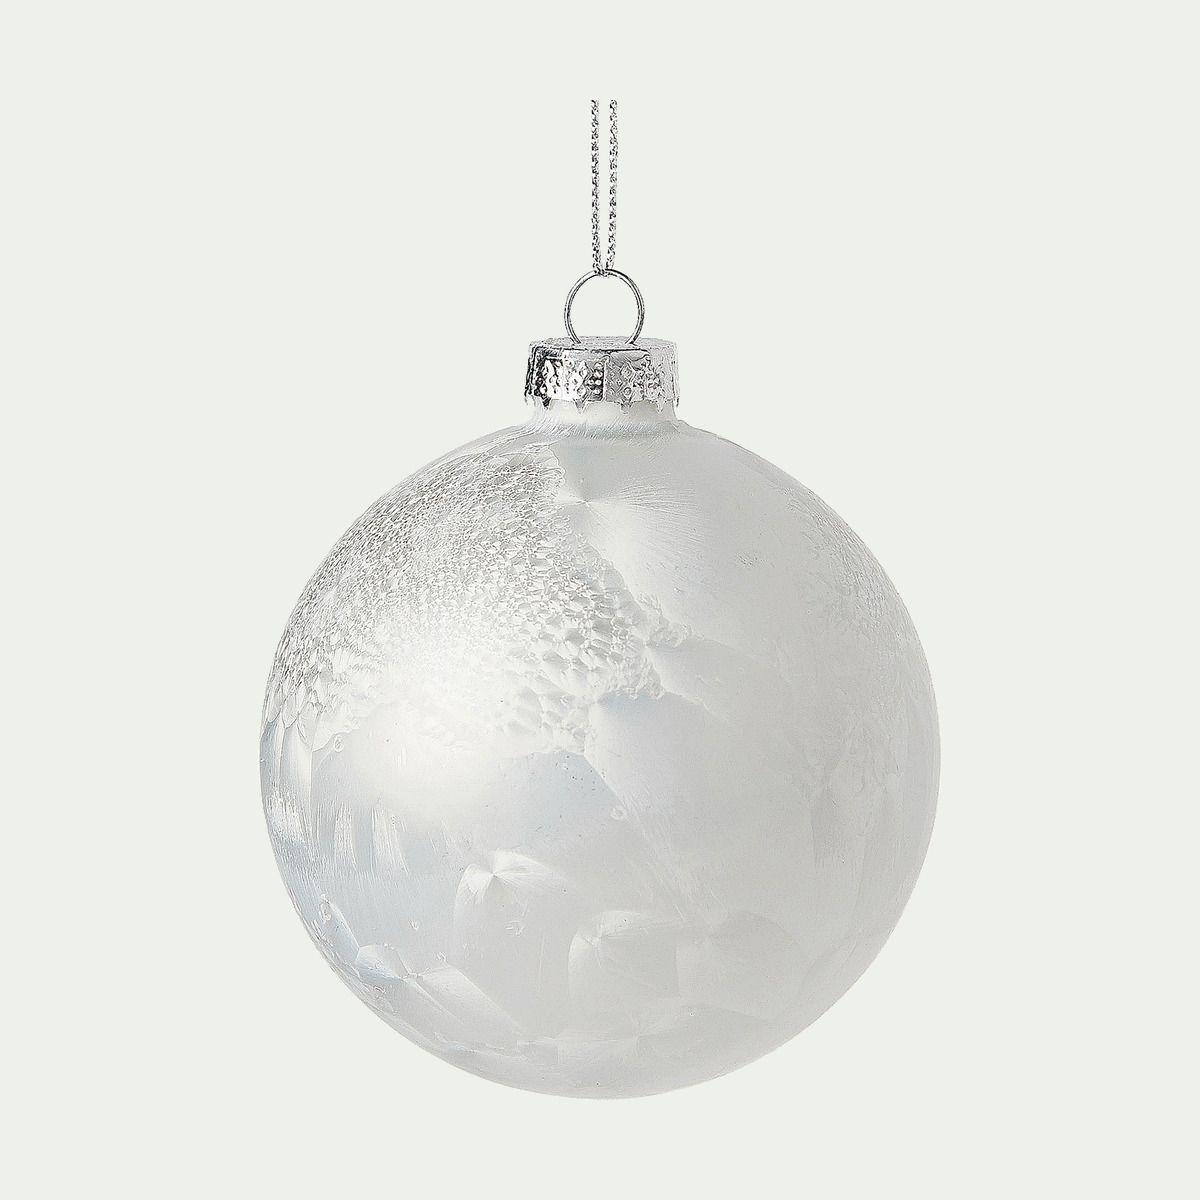 Boule de Noël givrée verte D8cm   Alinéa | Boule en verre, Boule